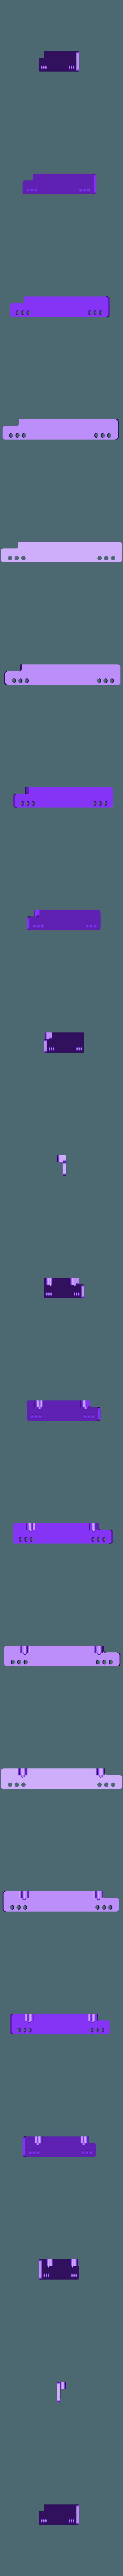 HDD bracket left.STL Télécharger fichier STL gratuit Raspberry Pi 3 B+ enclosure • Modèle à imprimer en 3D, kgitman